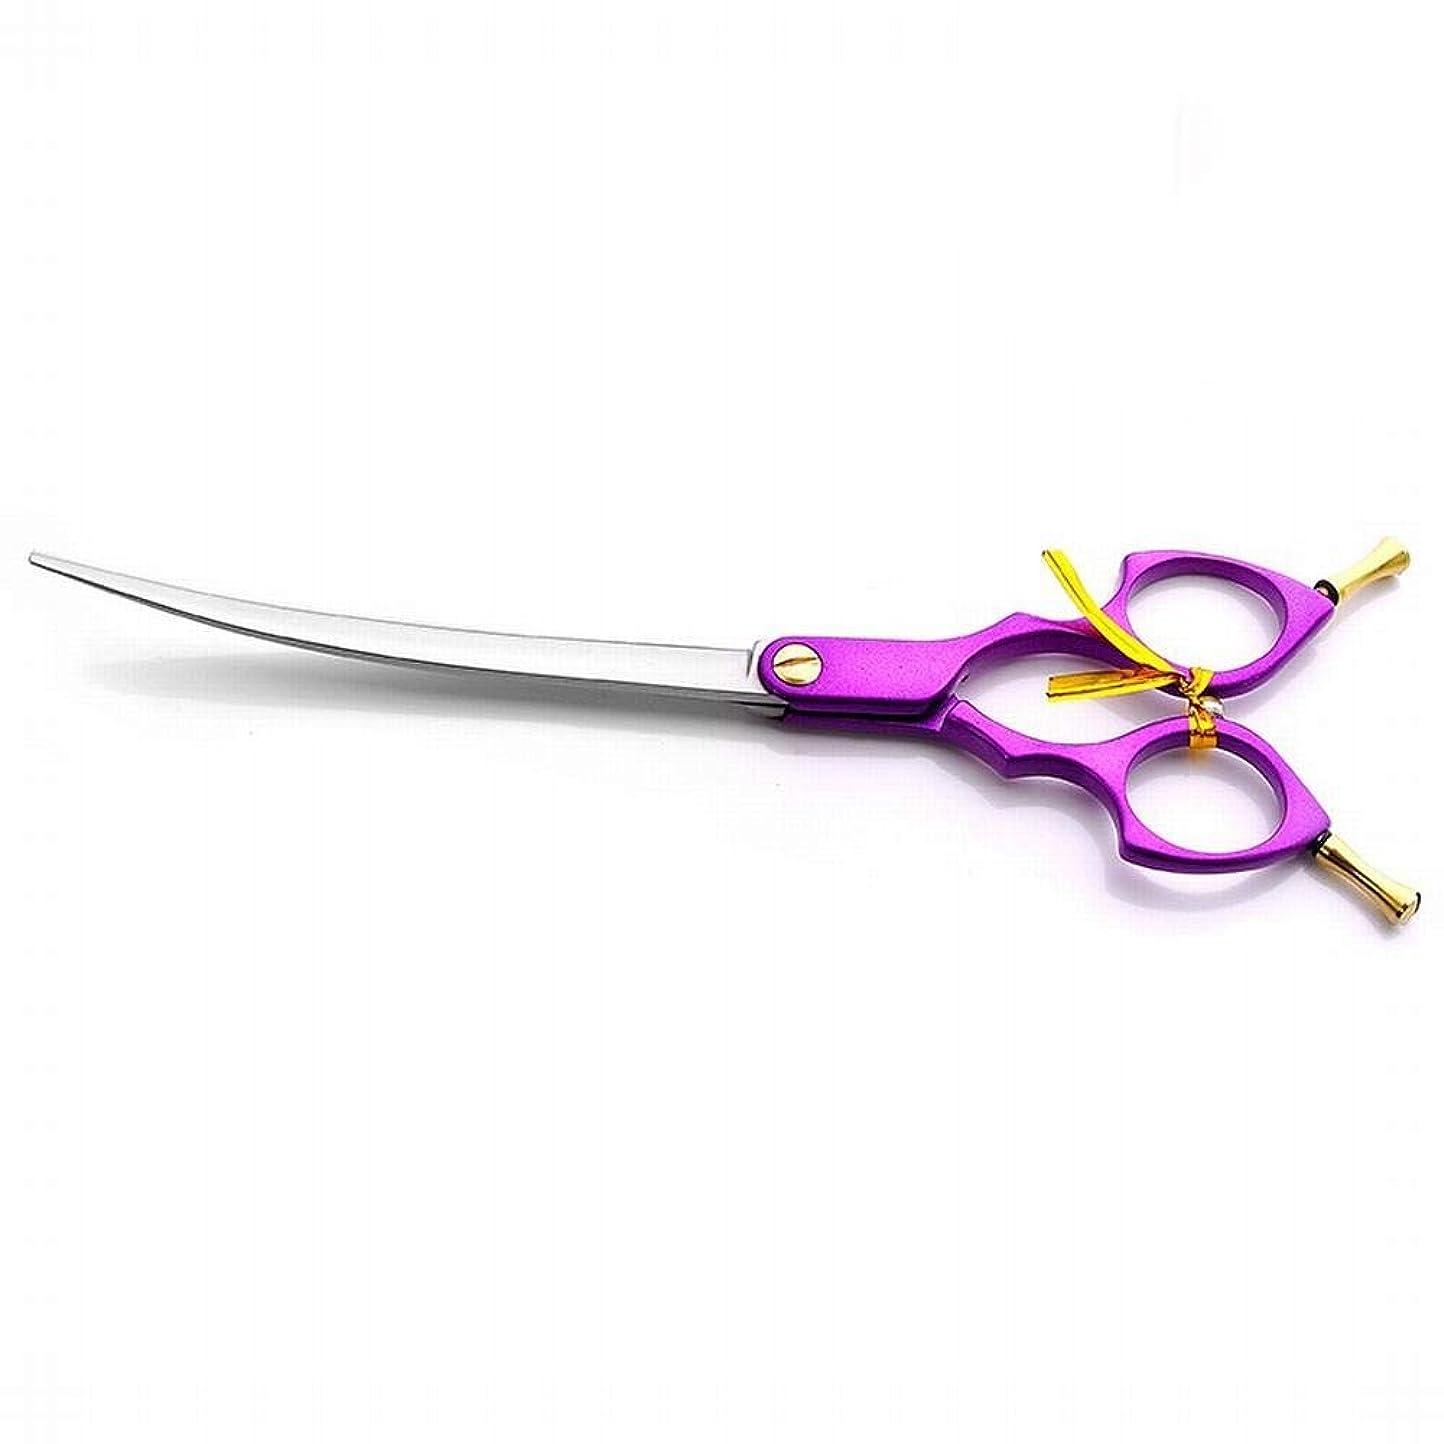 仕立て屋敷居オーガニックJiabei 理髪用フラットはさみ、ステンレス鋼理髪はさみはさみ (色 : 紫の)